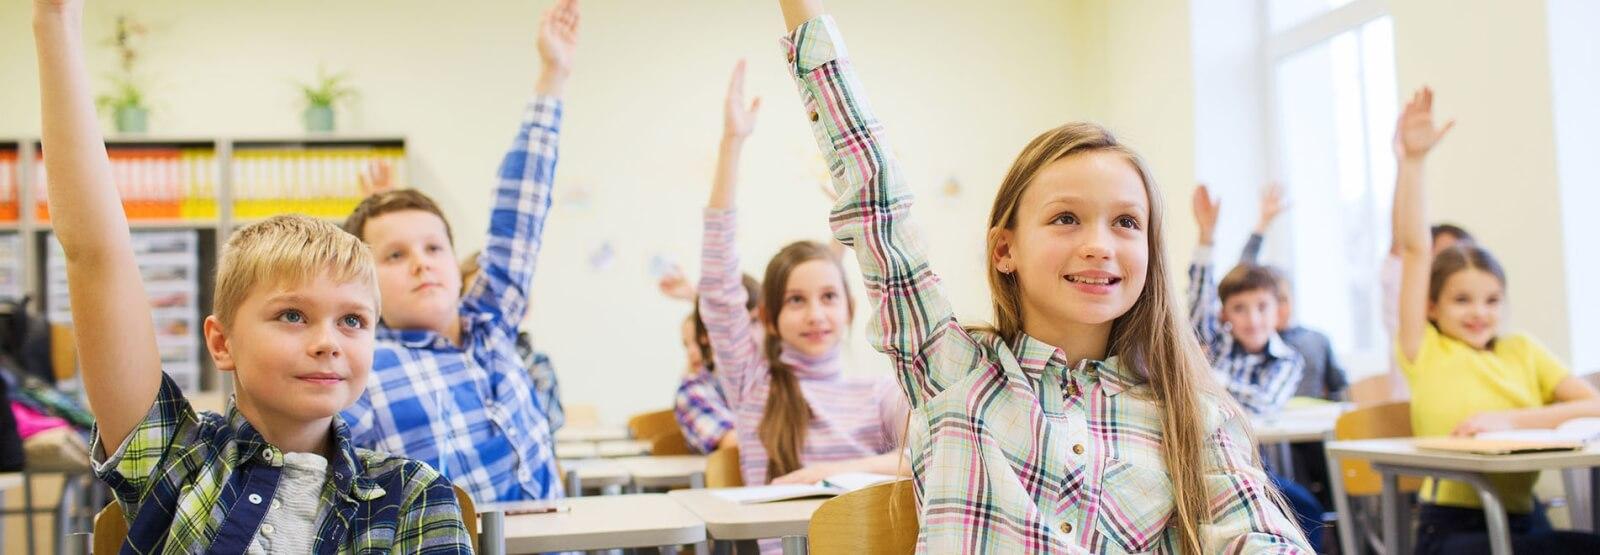 Психологические факторы, влияющие на школьную успеваемость в разном возрасте